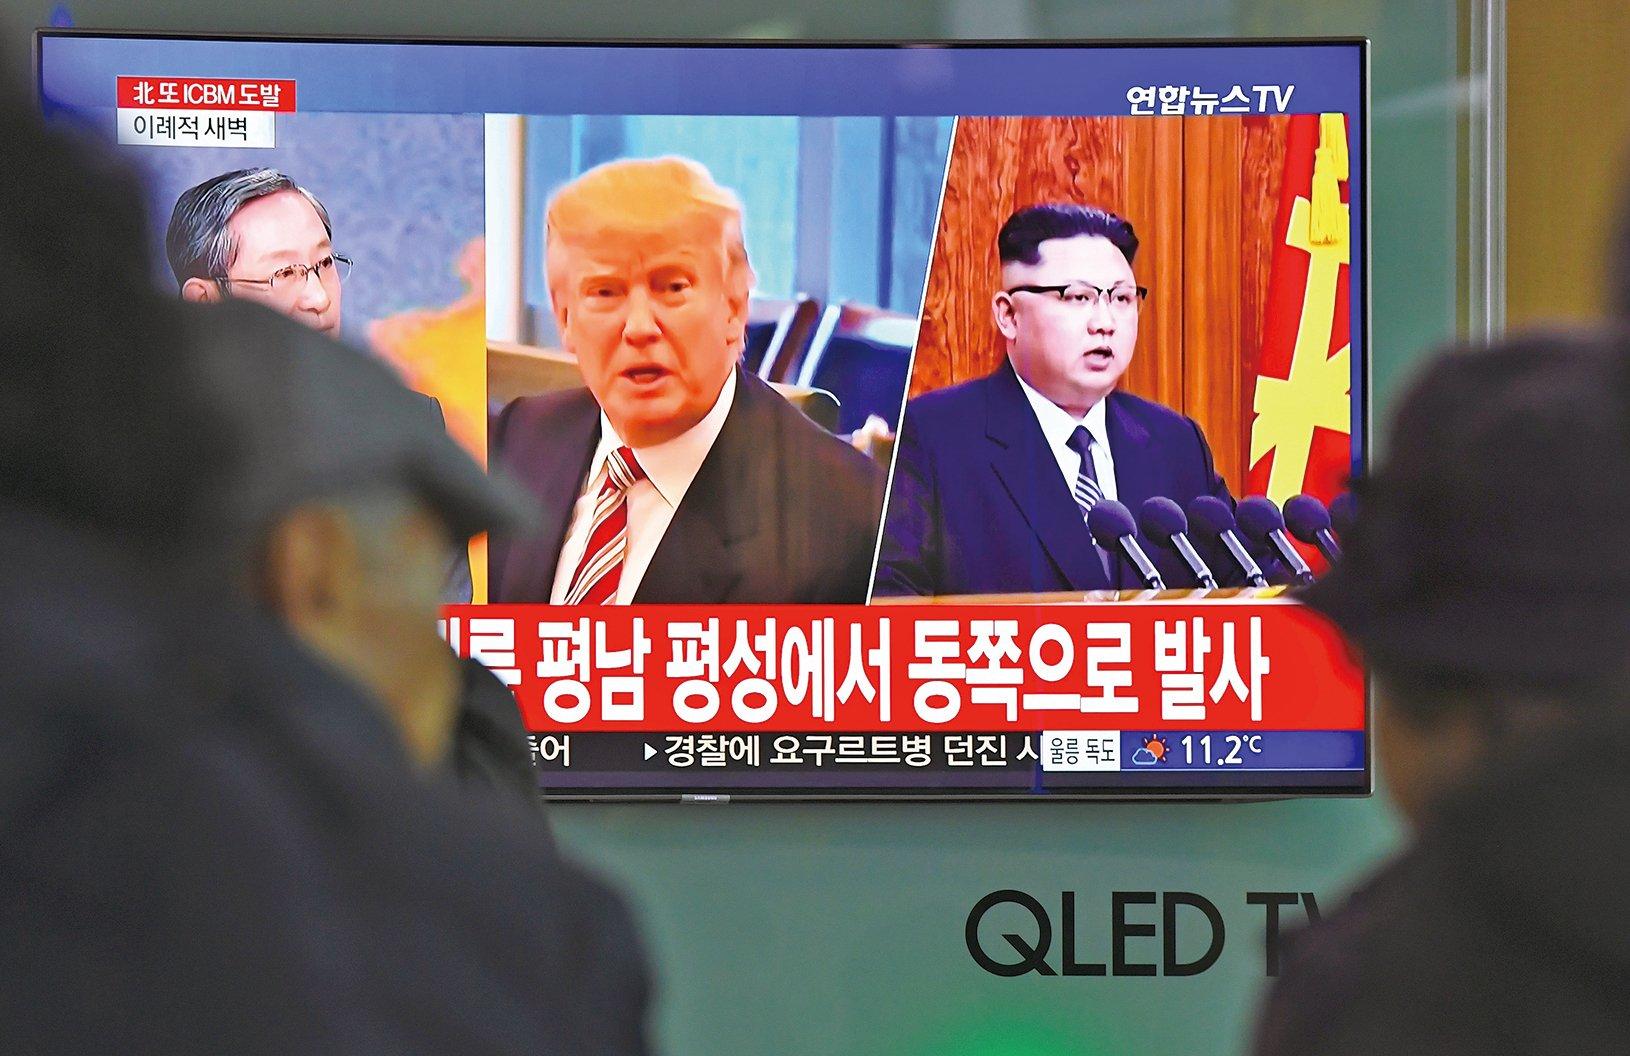 美國總統特朗普(右二)與北韓領袖金正恩(右一)將在五月底前會面,冀達成北韓棄核協議。(JUNG YEON-JE/AFP/Getty Images)